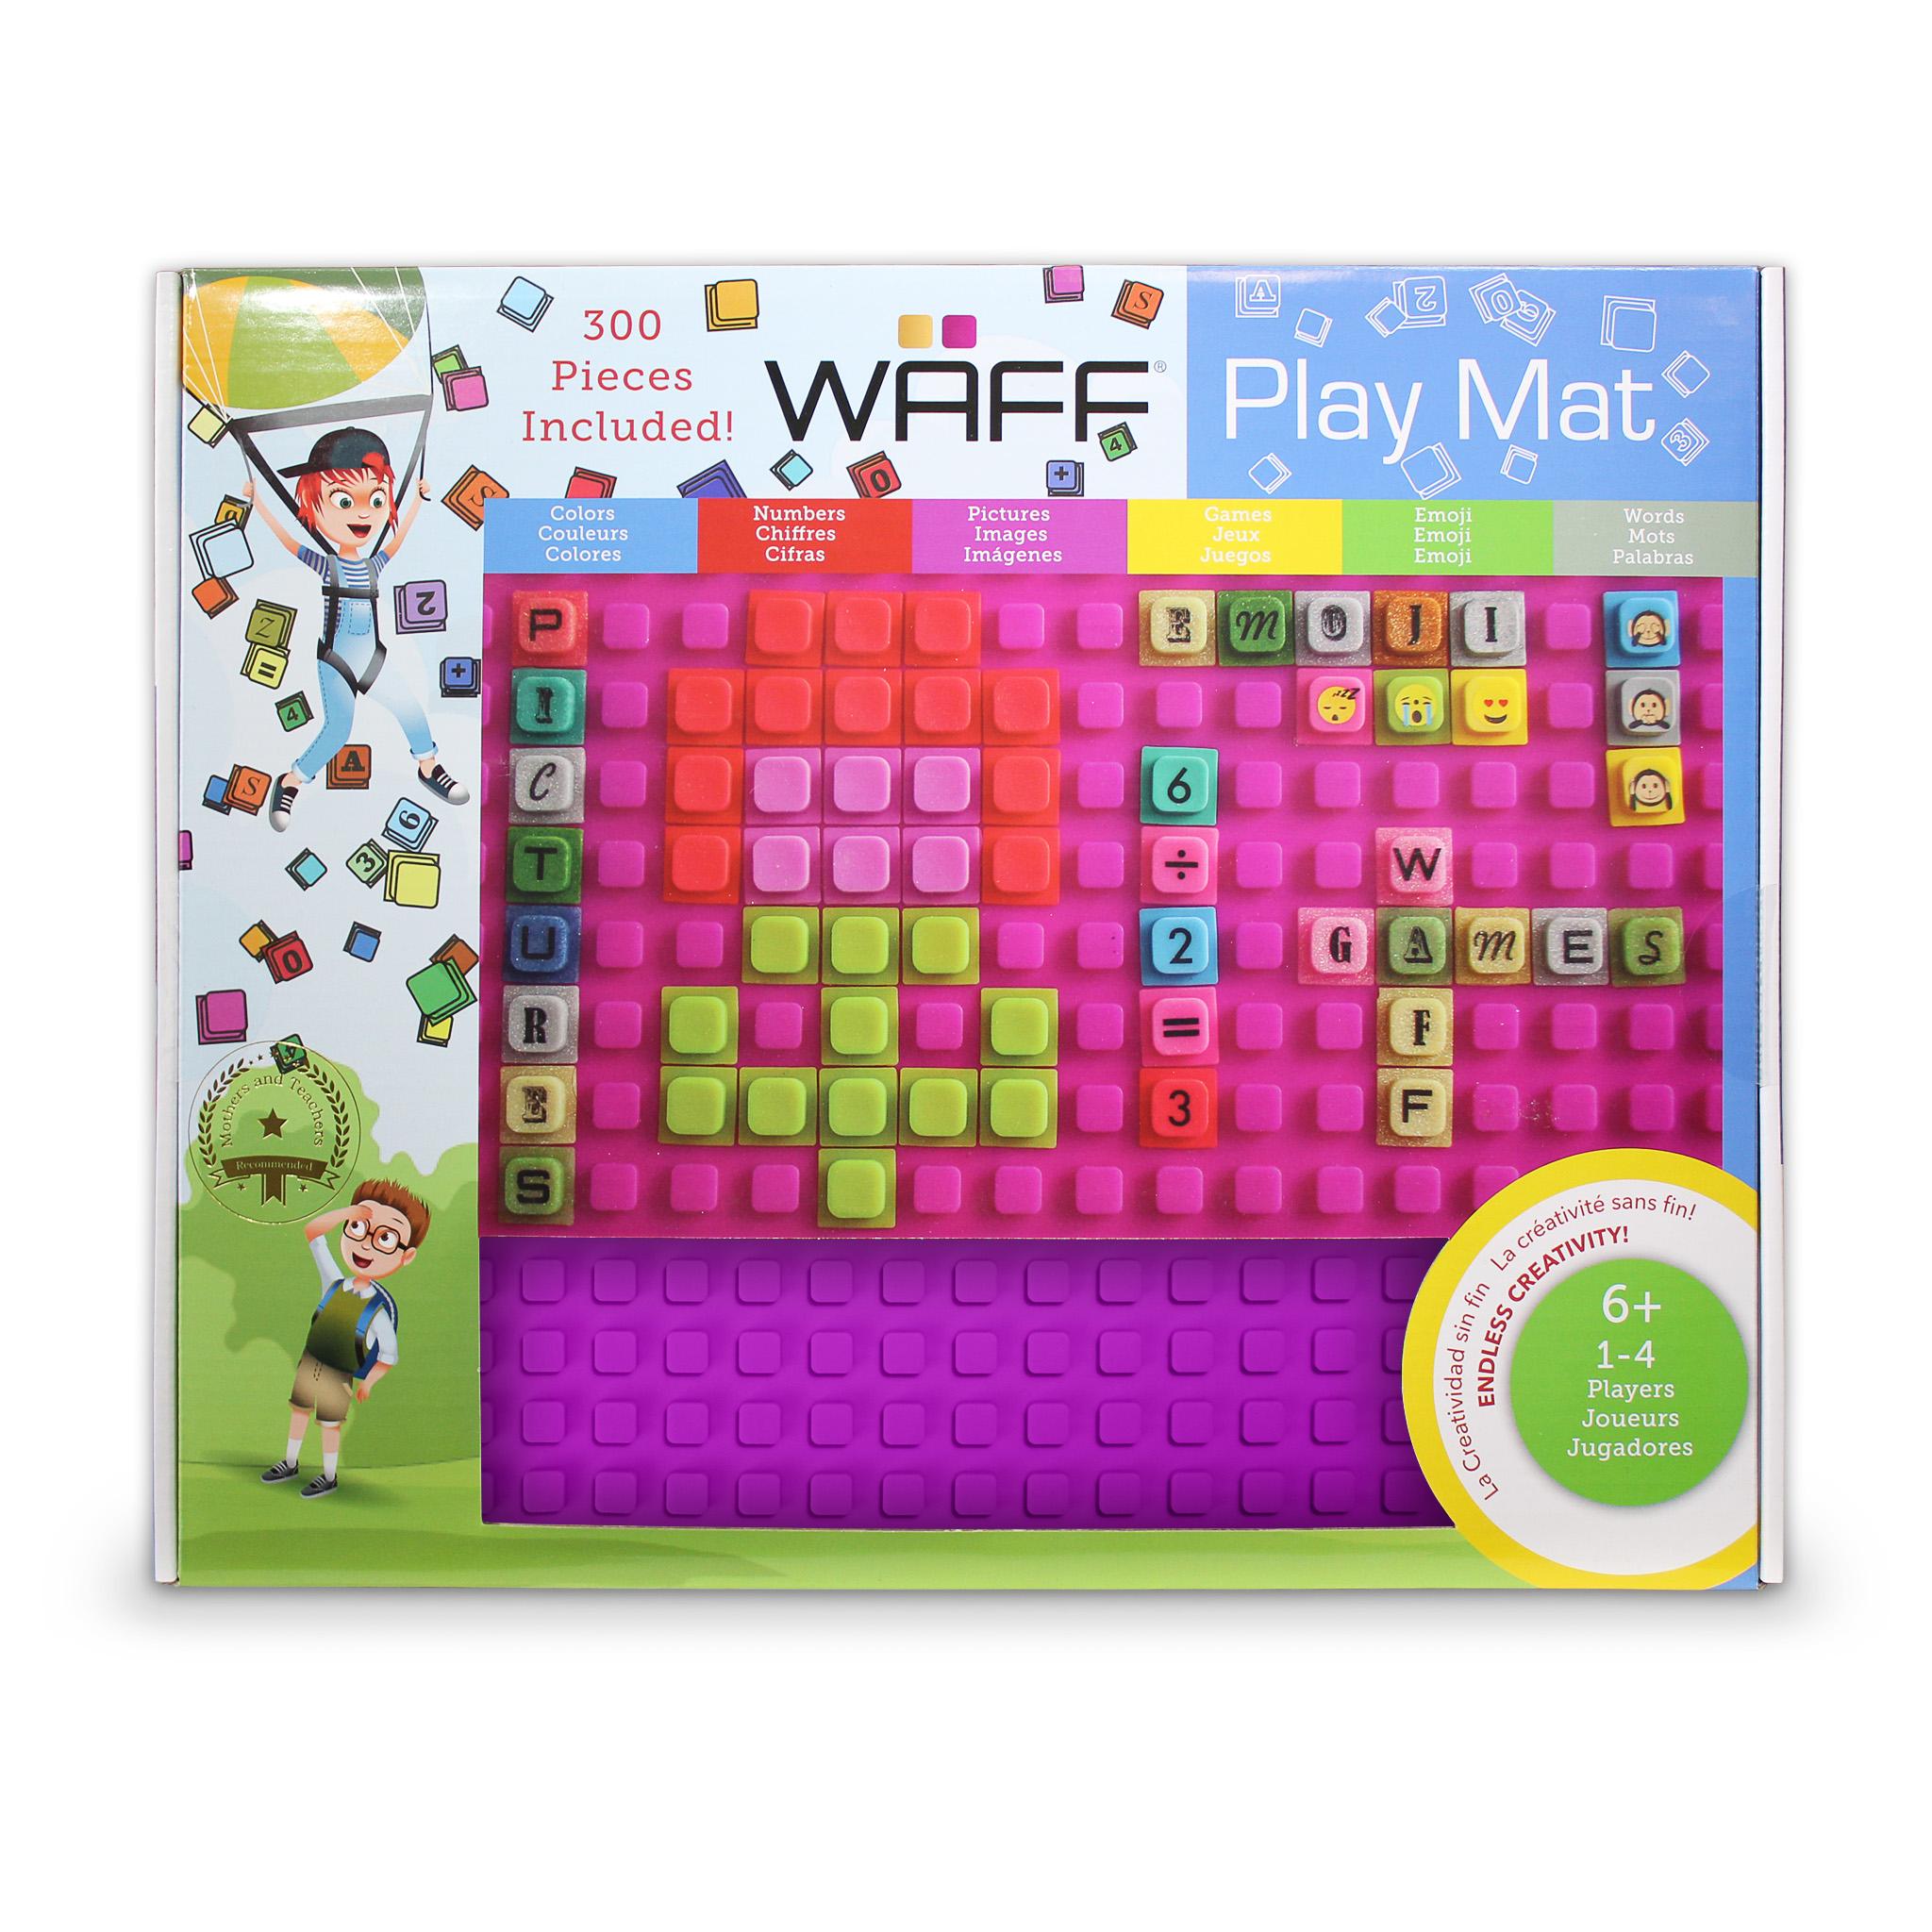 WAFF Playmat - Purple